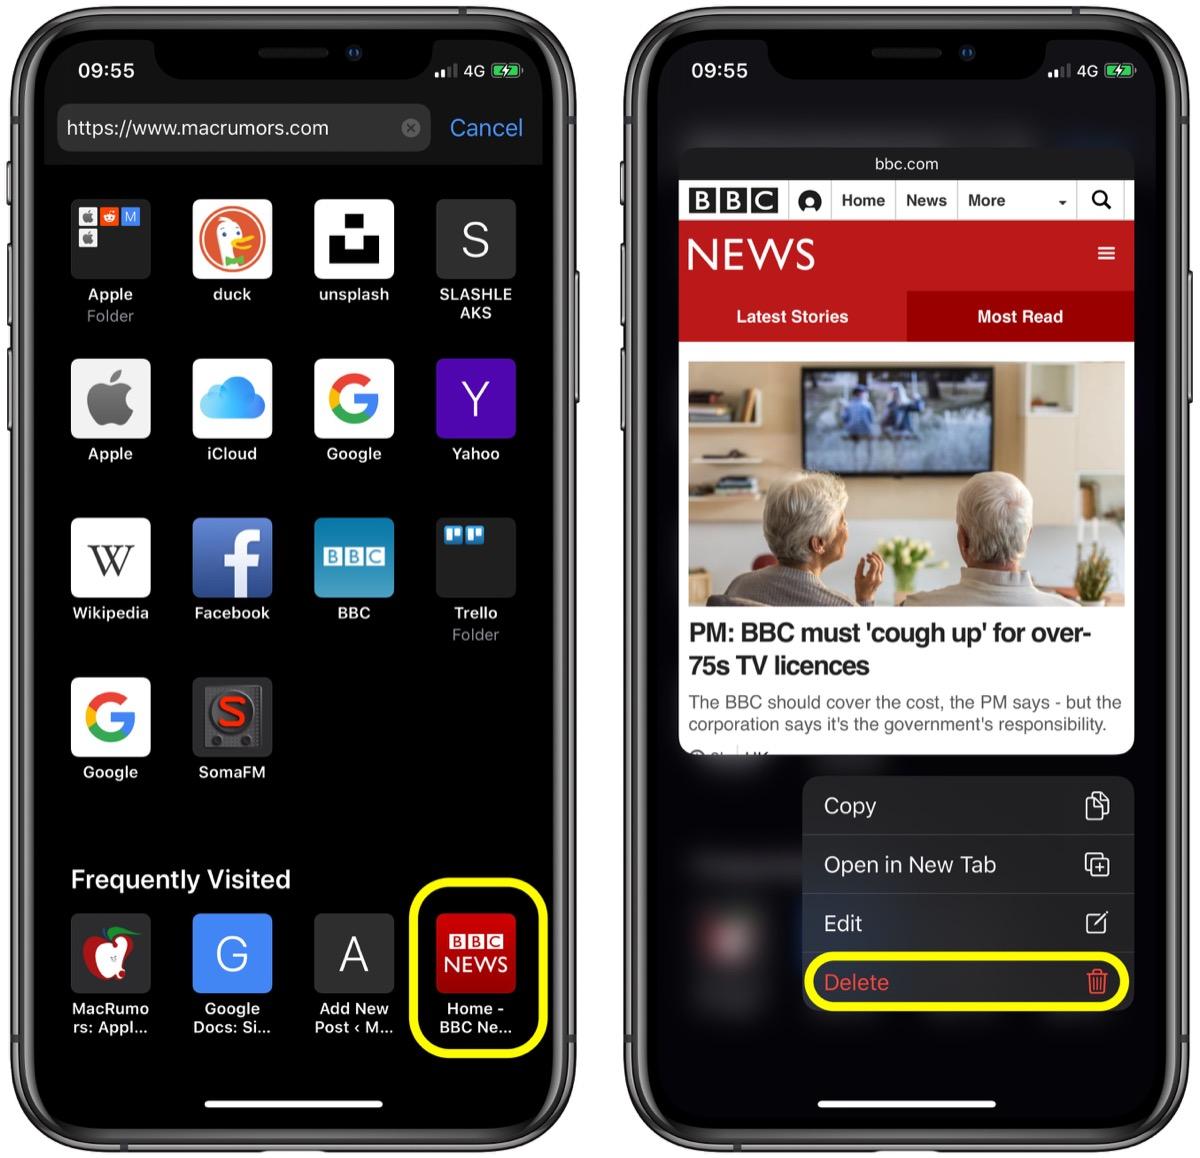 苹果实用技巧:如在删除 Safari 浏览器起始页中经常访问的网站